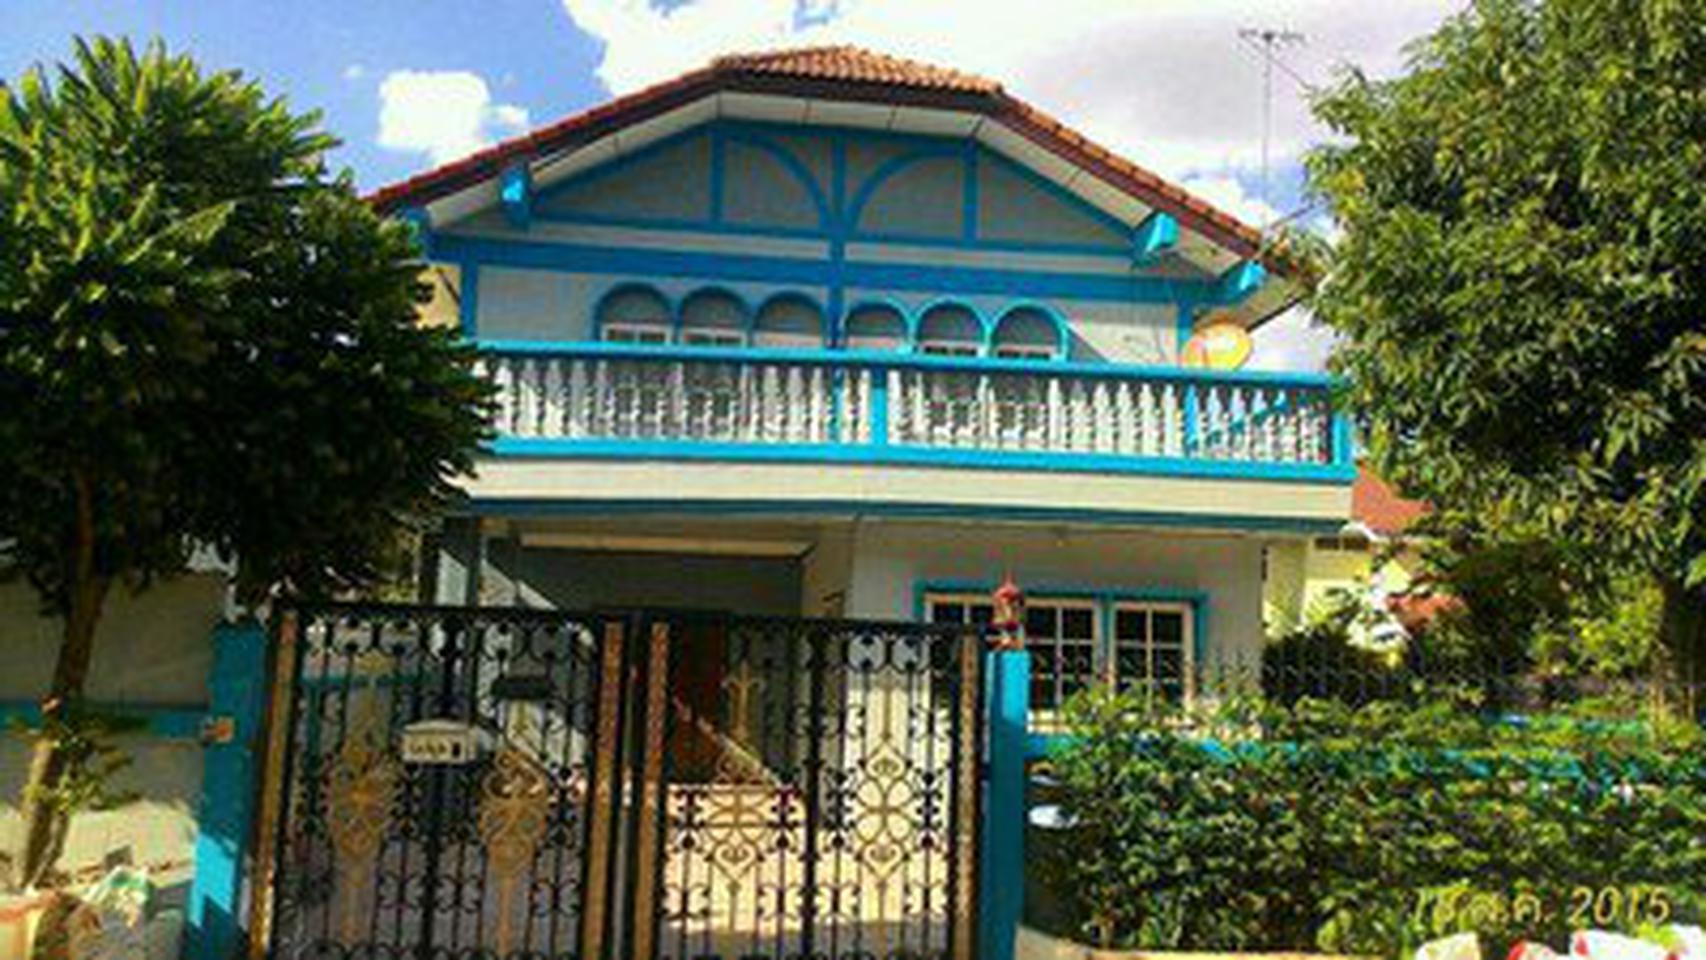 ขายบ้านเดี่ยว หมู่บ้านรัตนาธิเบศร์ บางใหญ่ รูปที่ 6